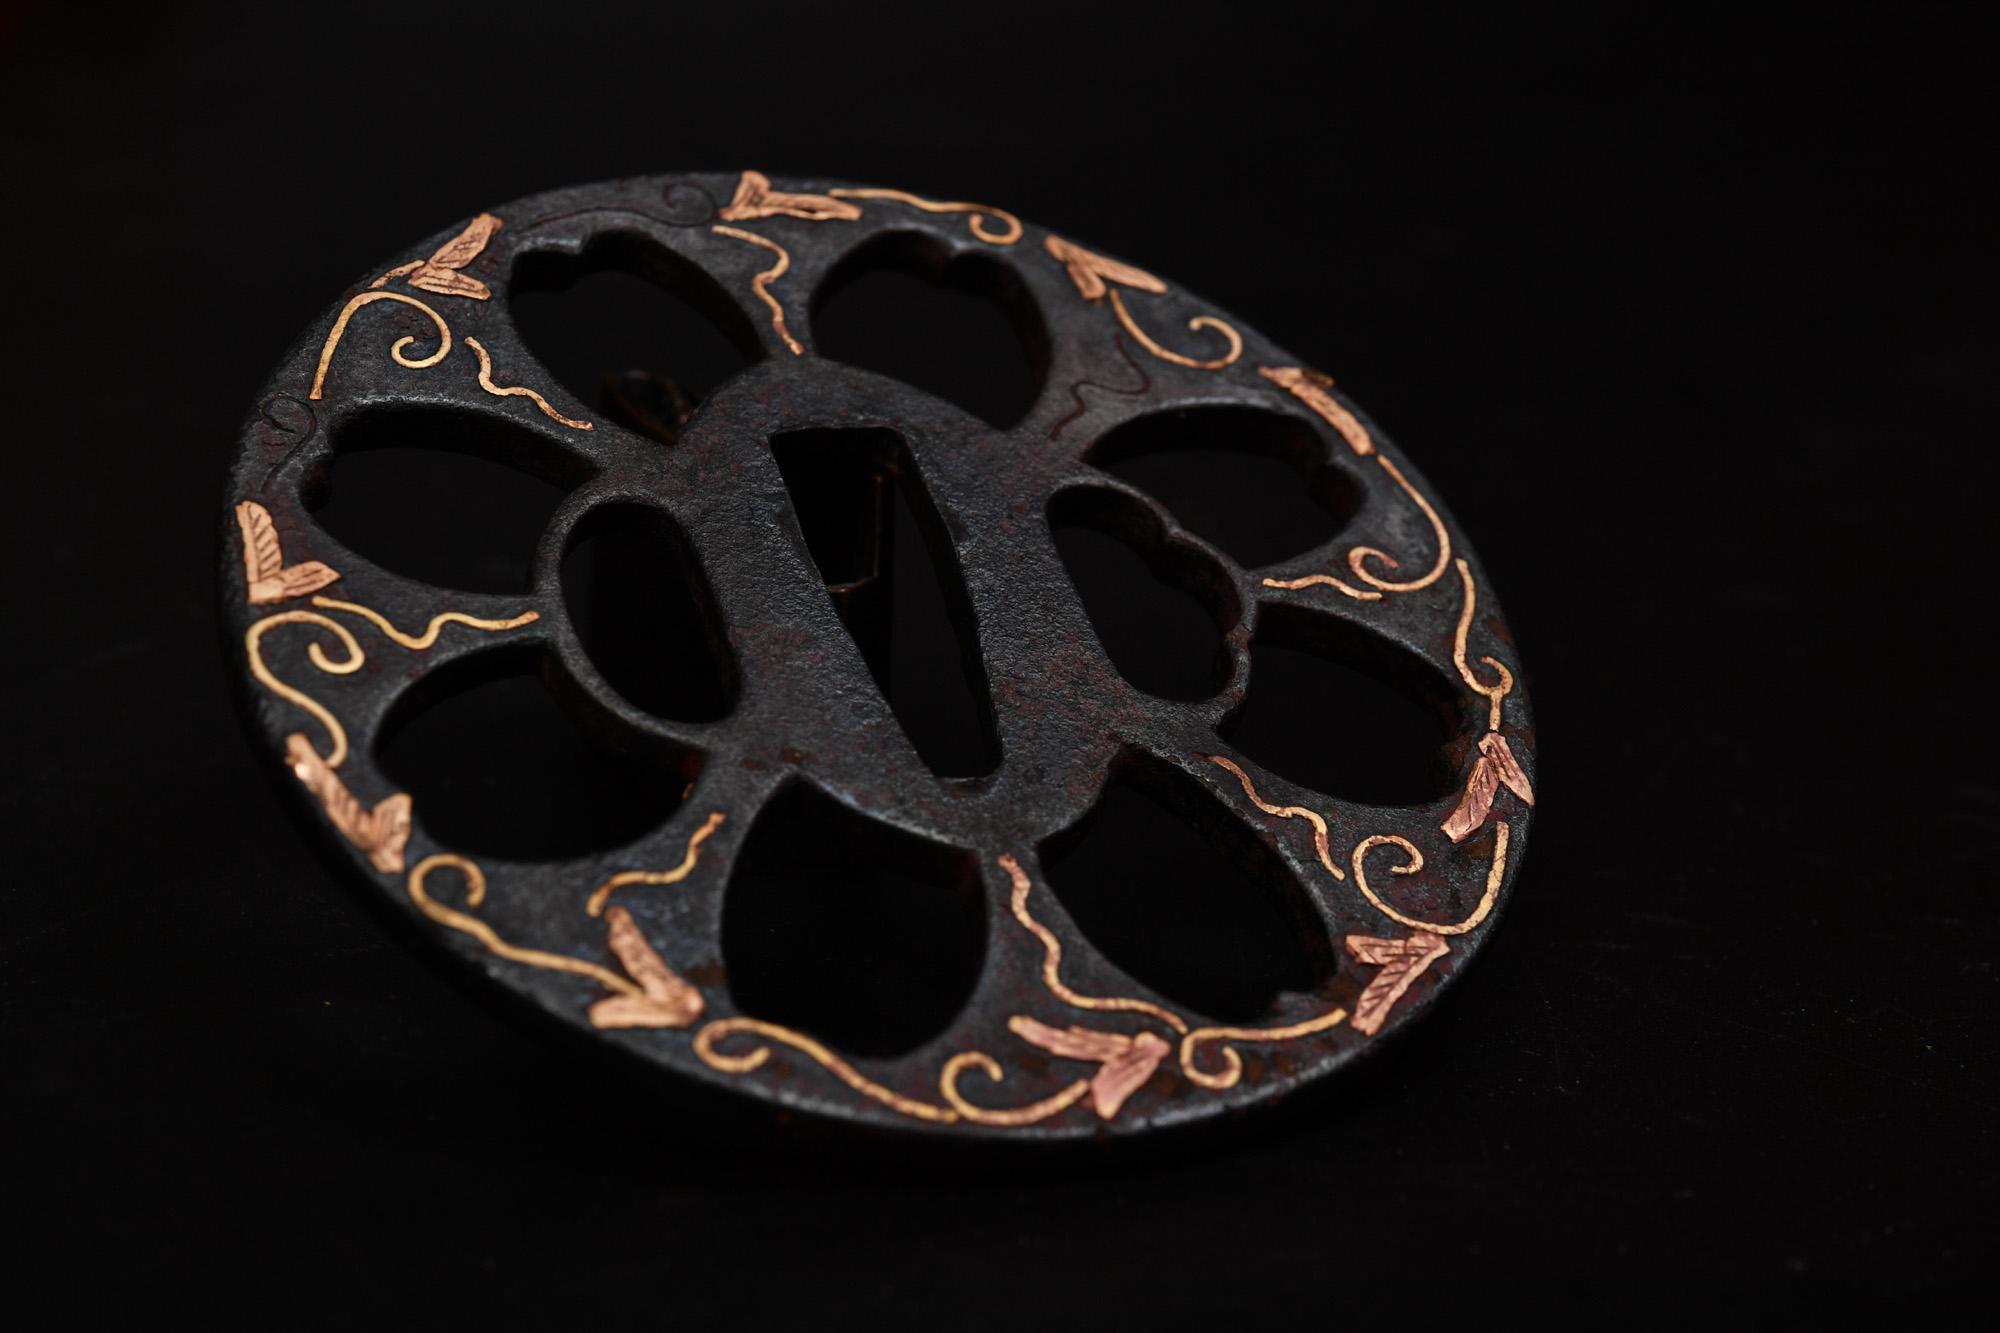 真鍮象嵌鍔の赤錆落としと真鍮の磨きで少し綺麗になりました。